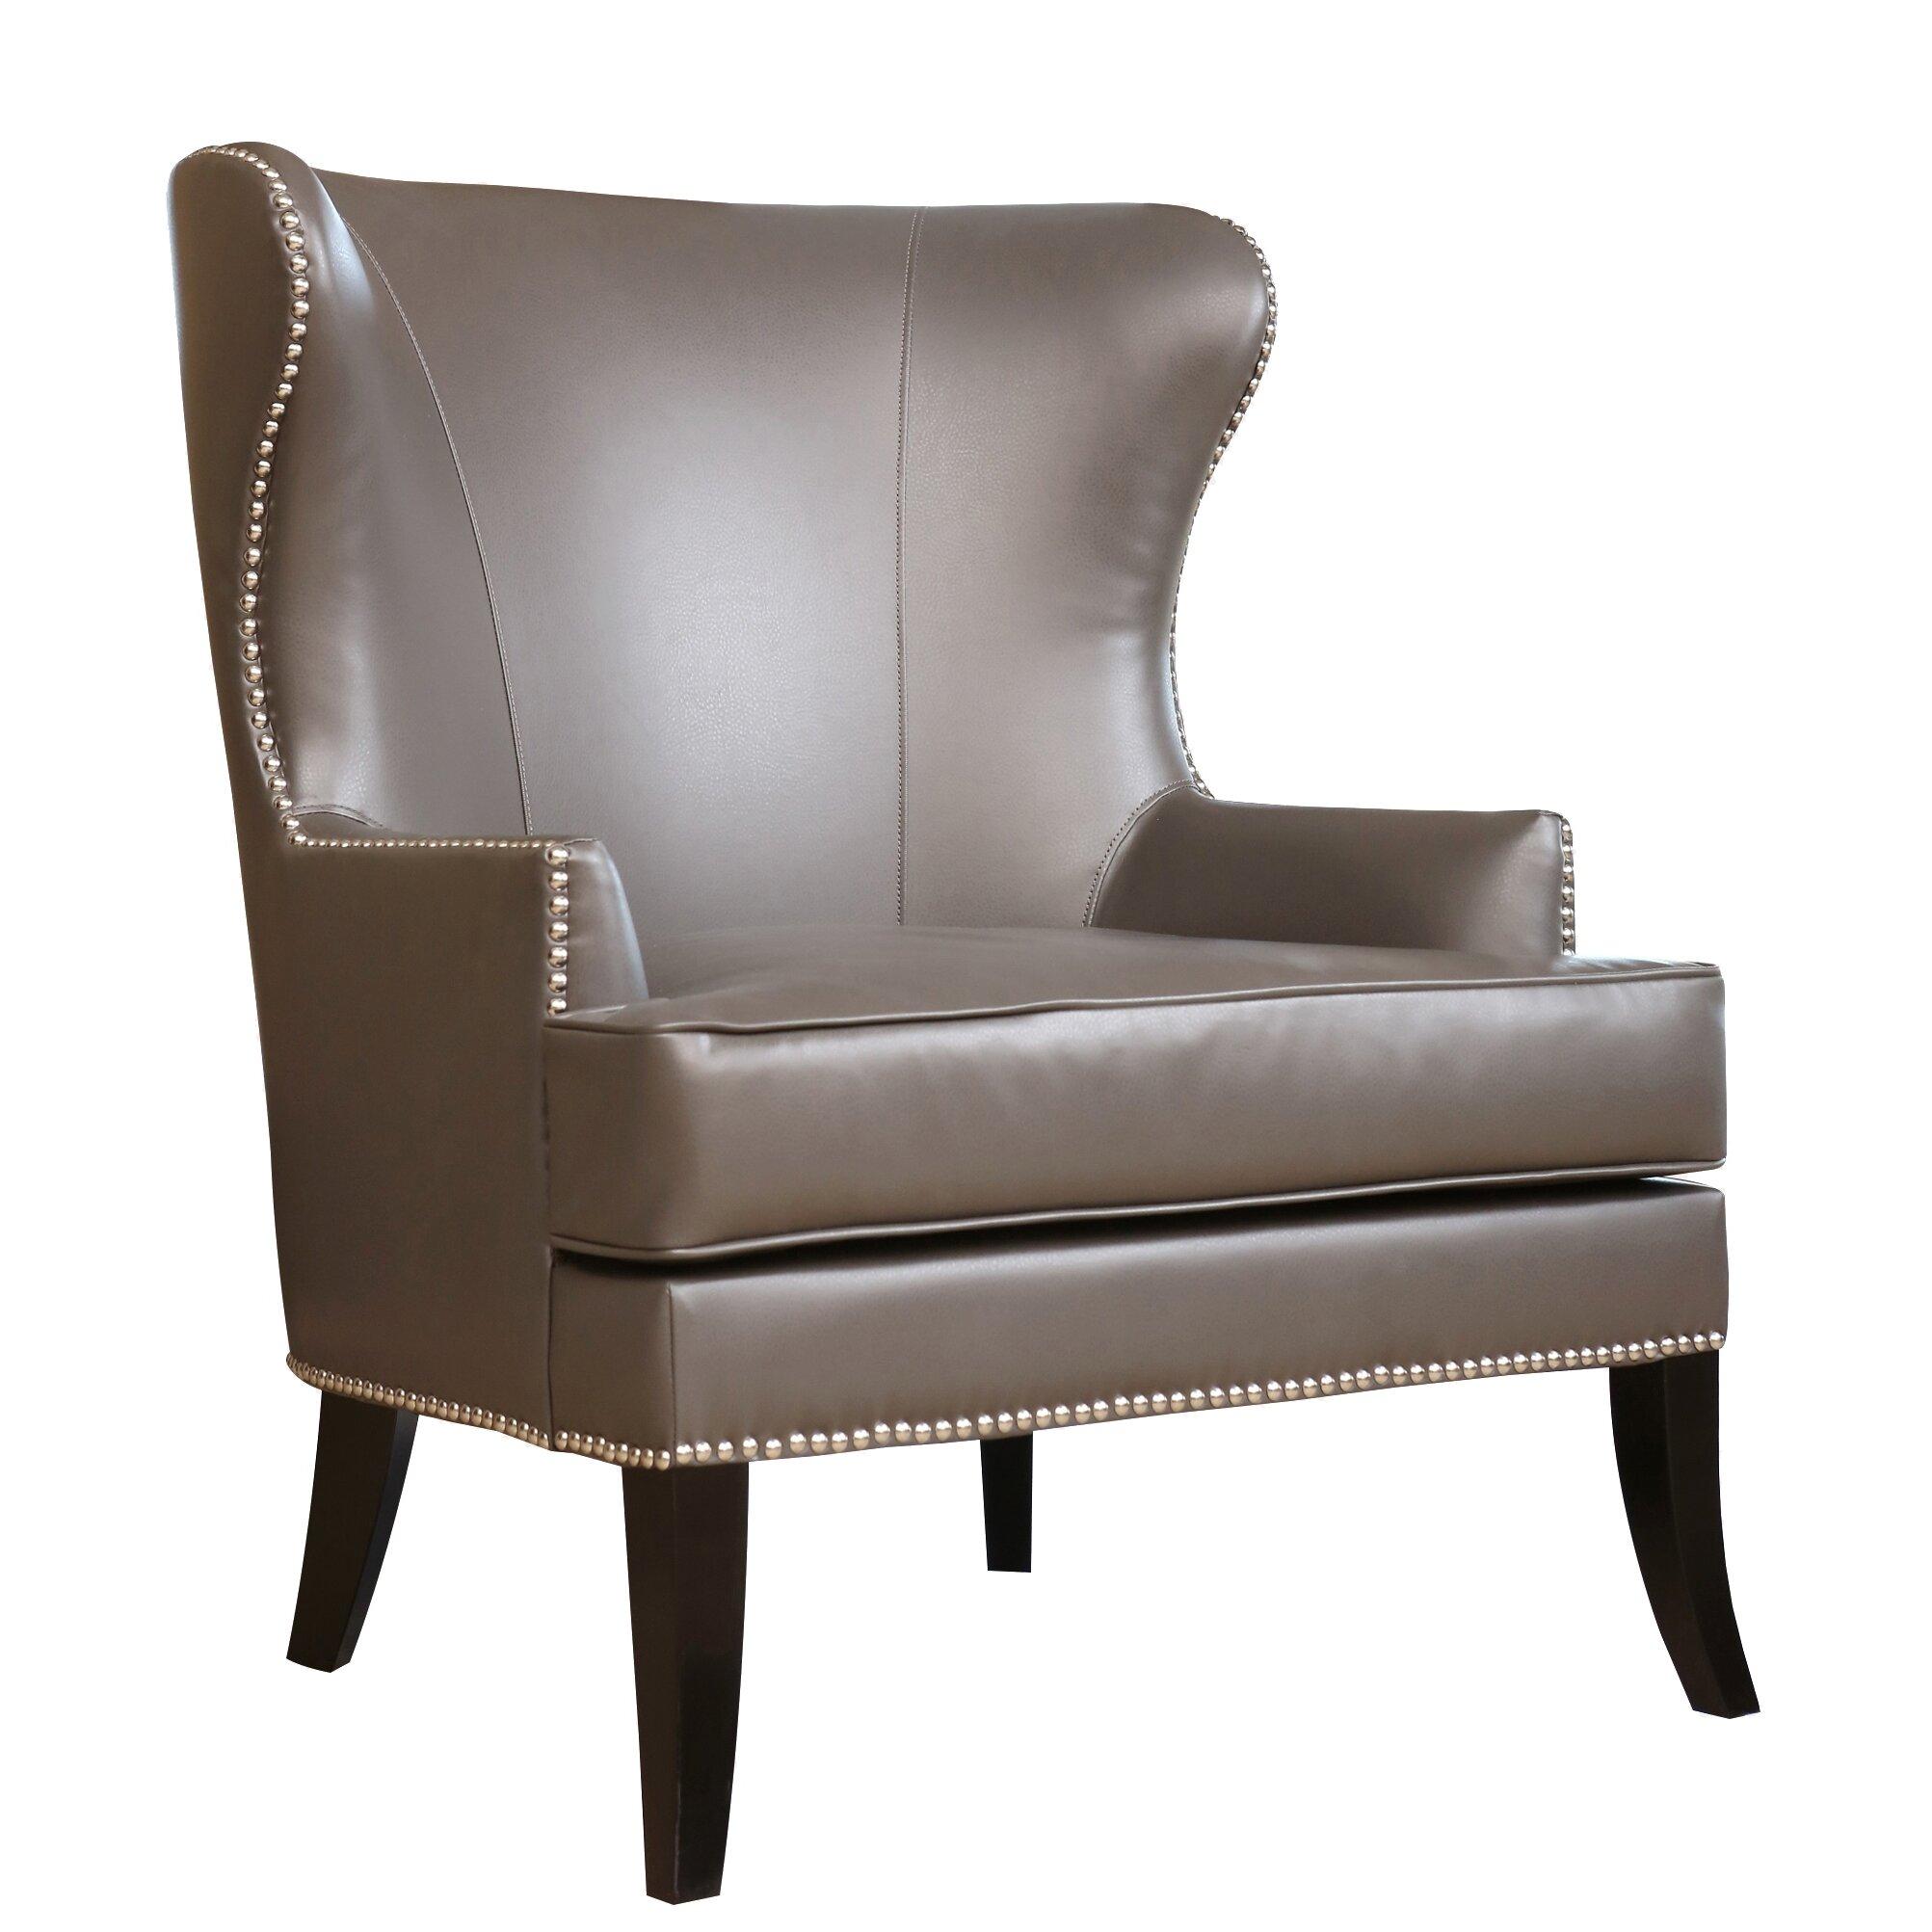 Darby Home Co Donlon Nailhead Trim Arm Chair Amp Reviews